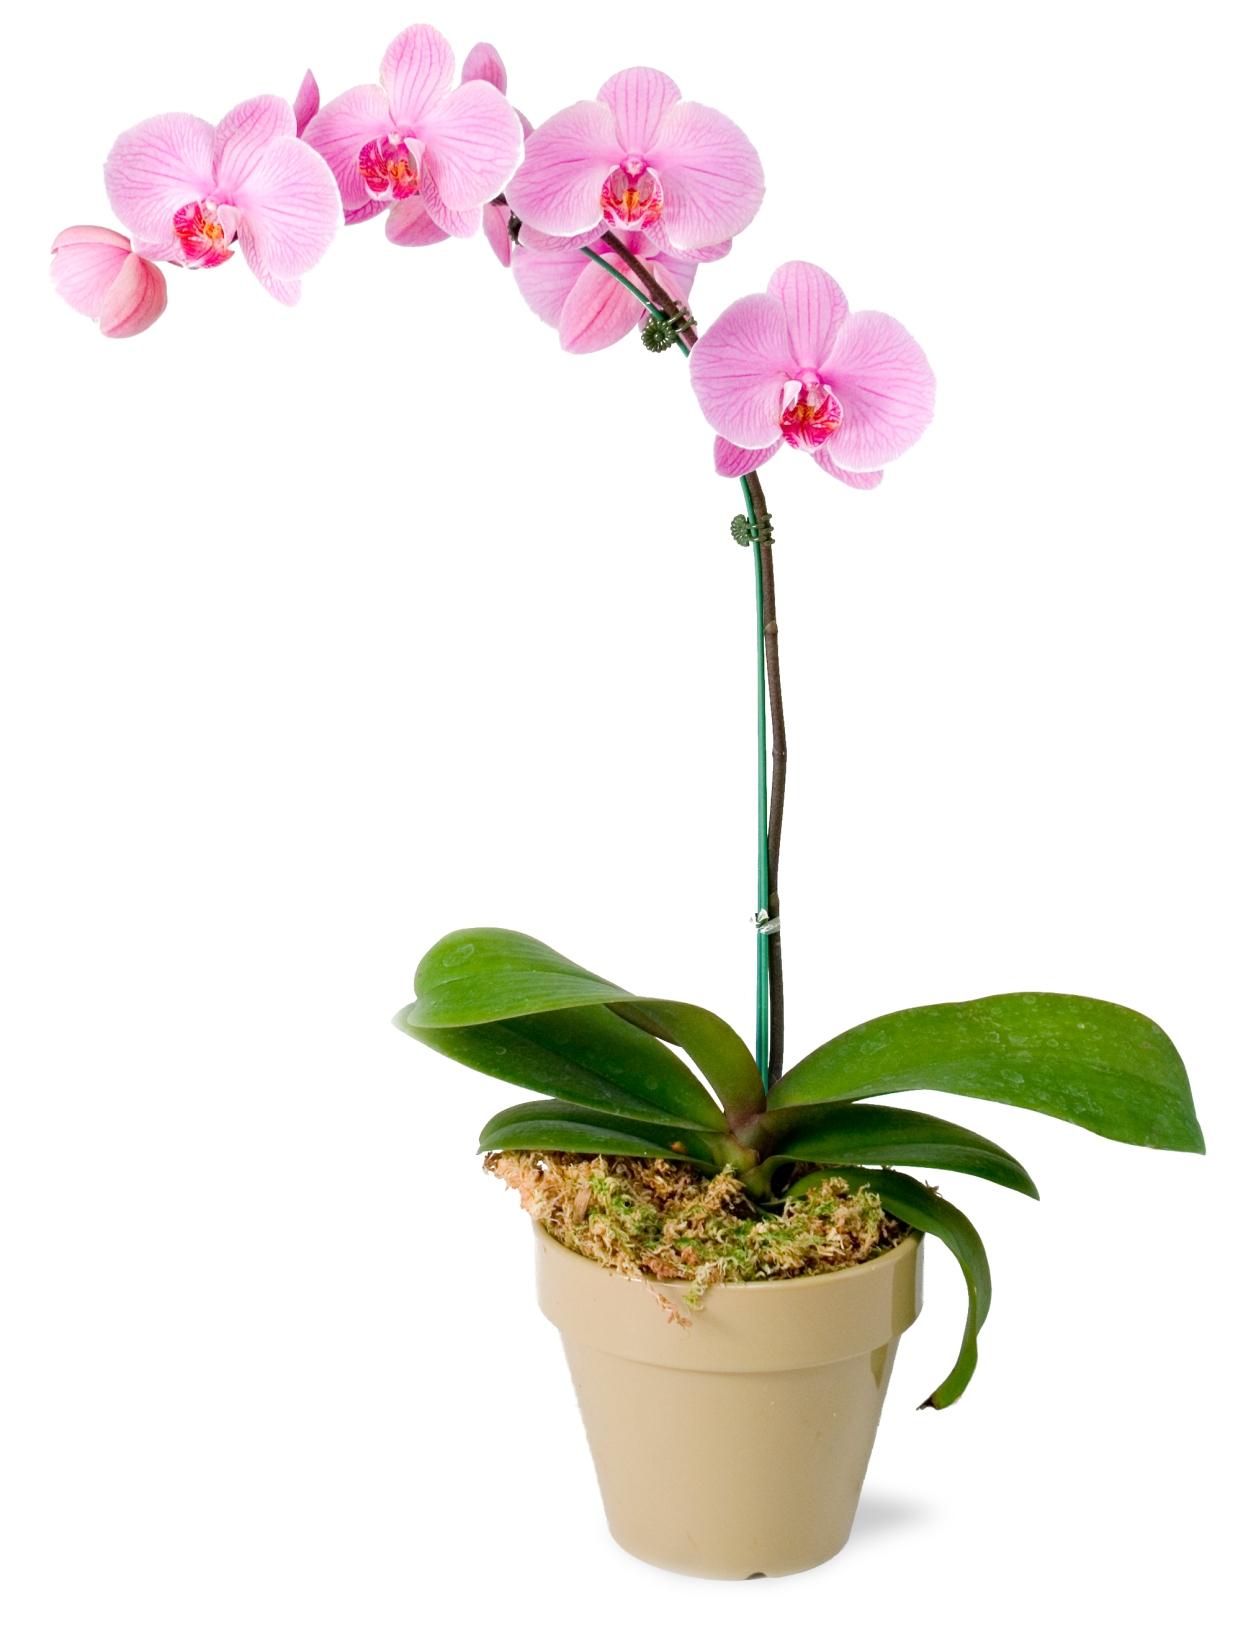 У орхидеи опадают бутоны. Орхидеи: вопросы и ответы